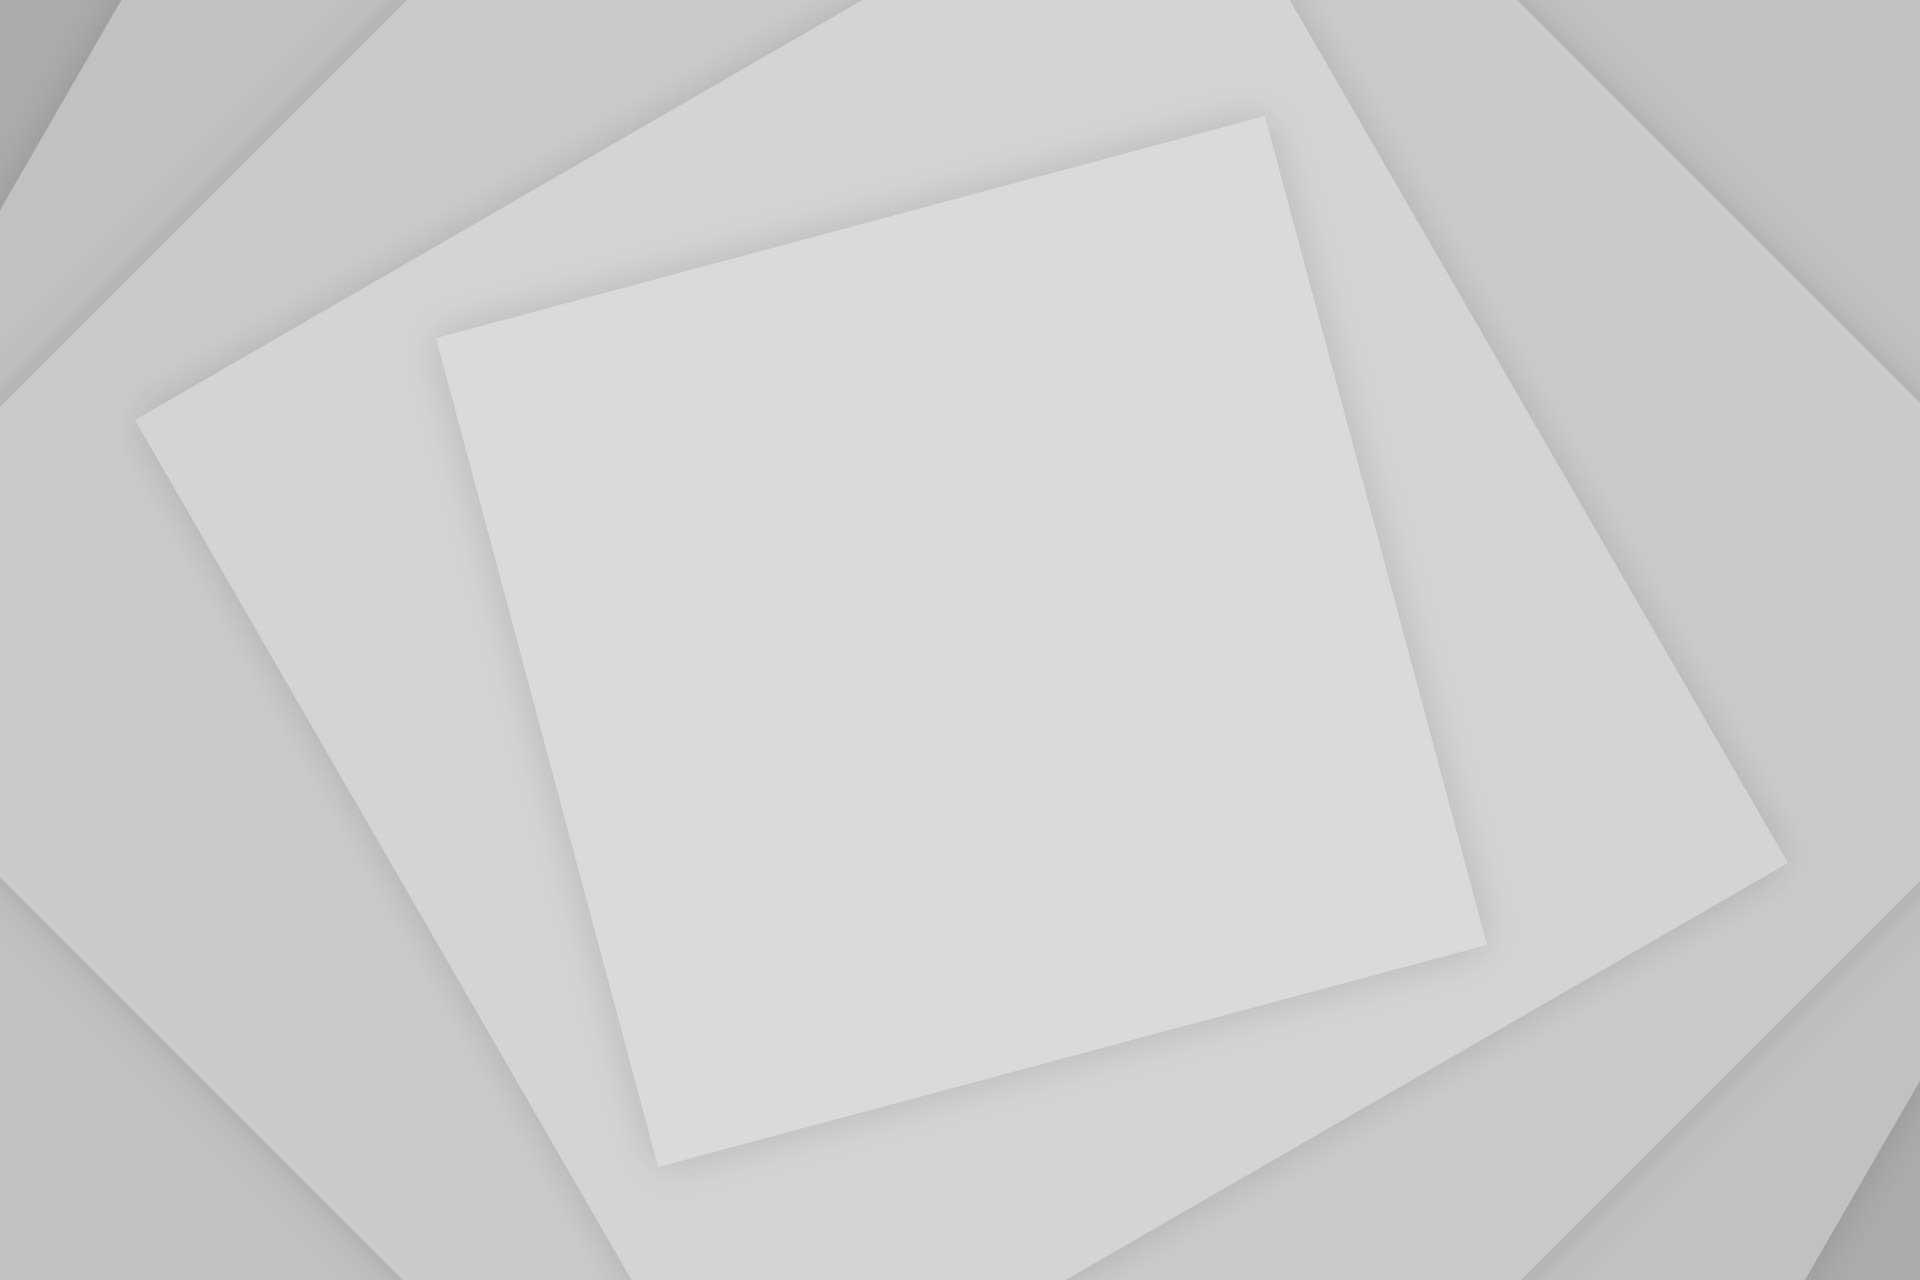 Наказ МОЗ України від 27.04.2018 № 820 «Про Розподіл лікарських засобів для лікування дорослих хворих на гемофілію, закуплених за кошти Державного бюджету України на 2017 рік»